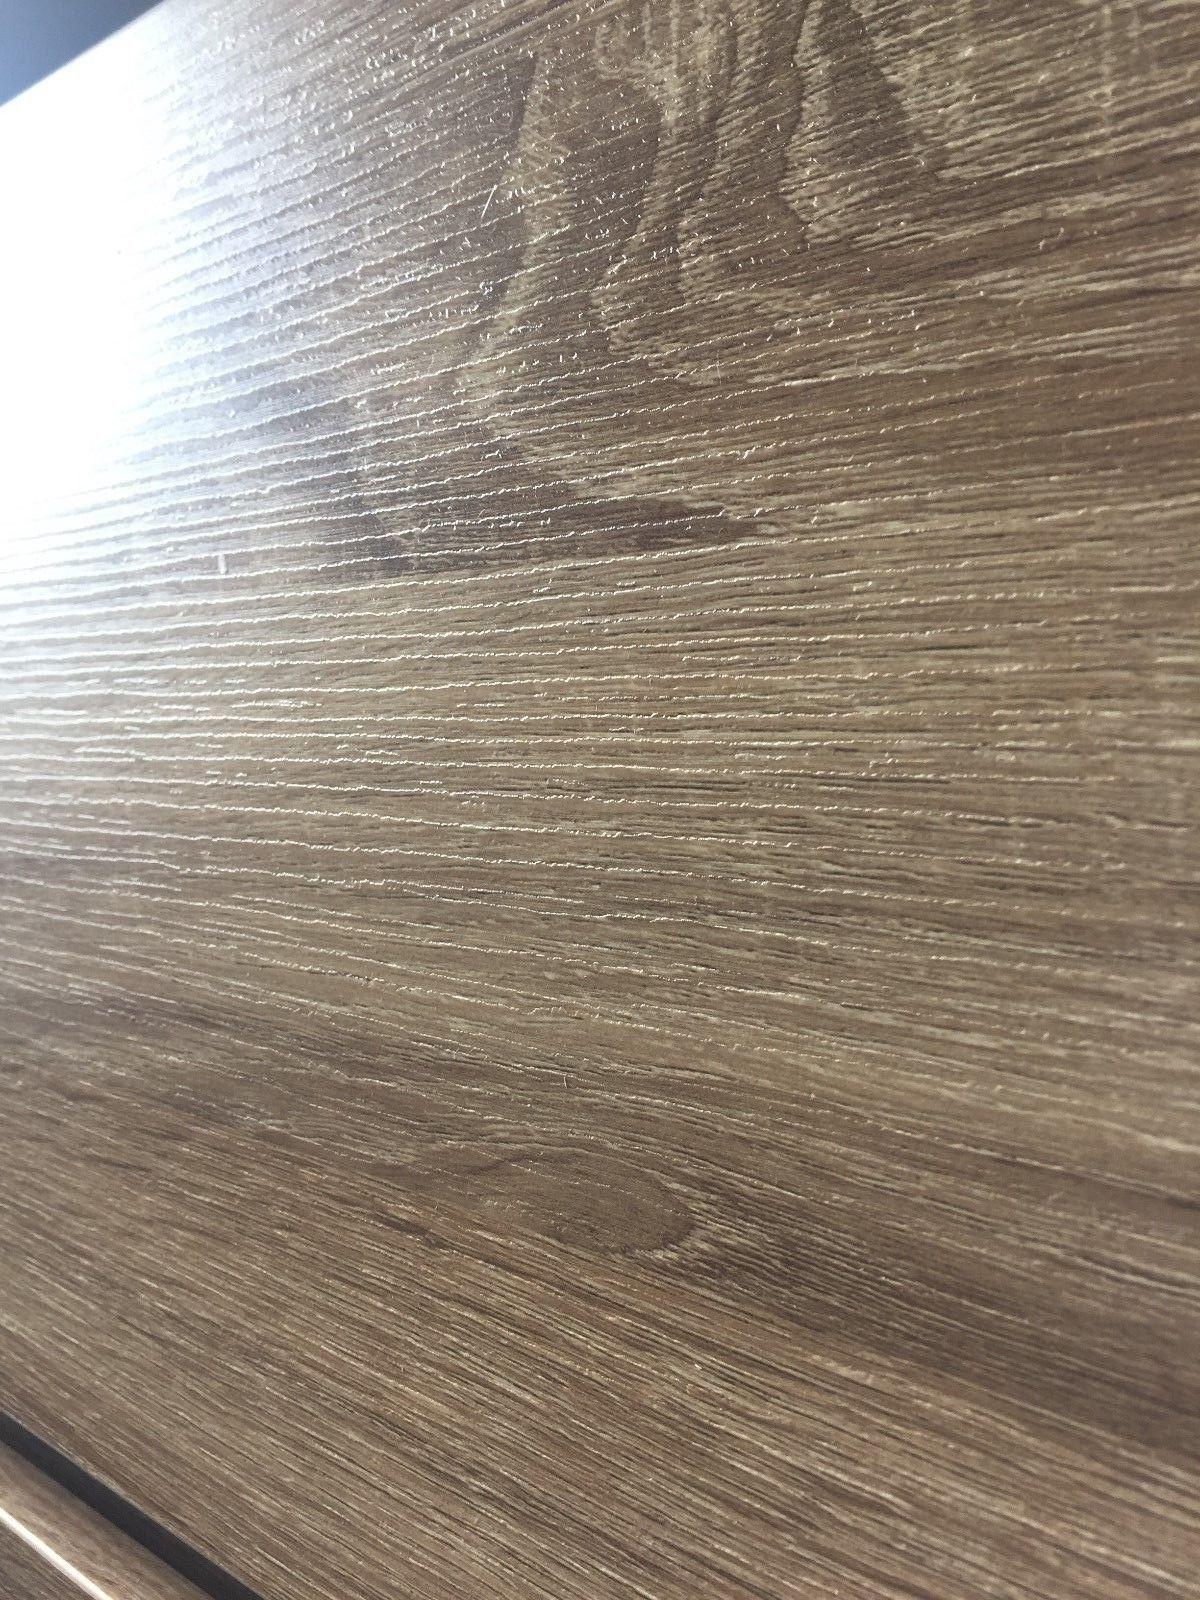 Eden 1200mm White Oak Textured Timber Wood Grain Wall